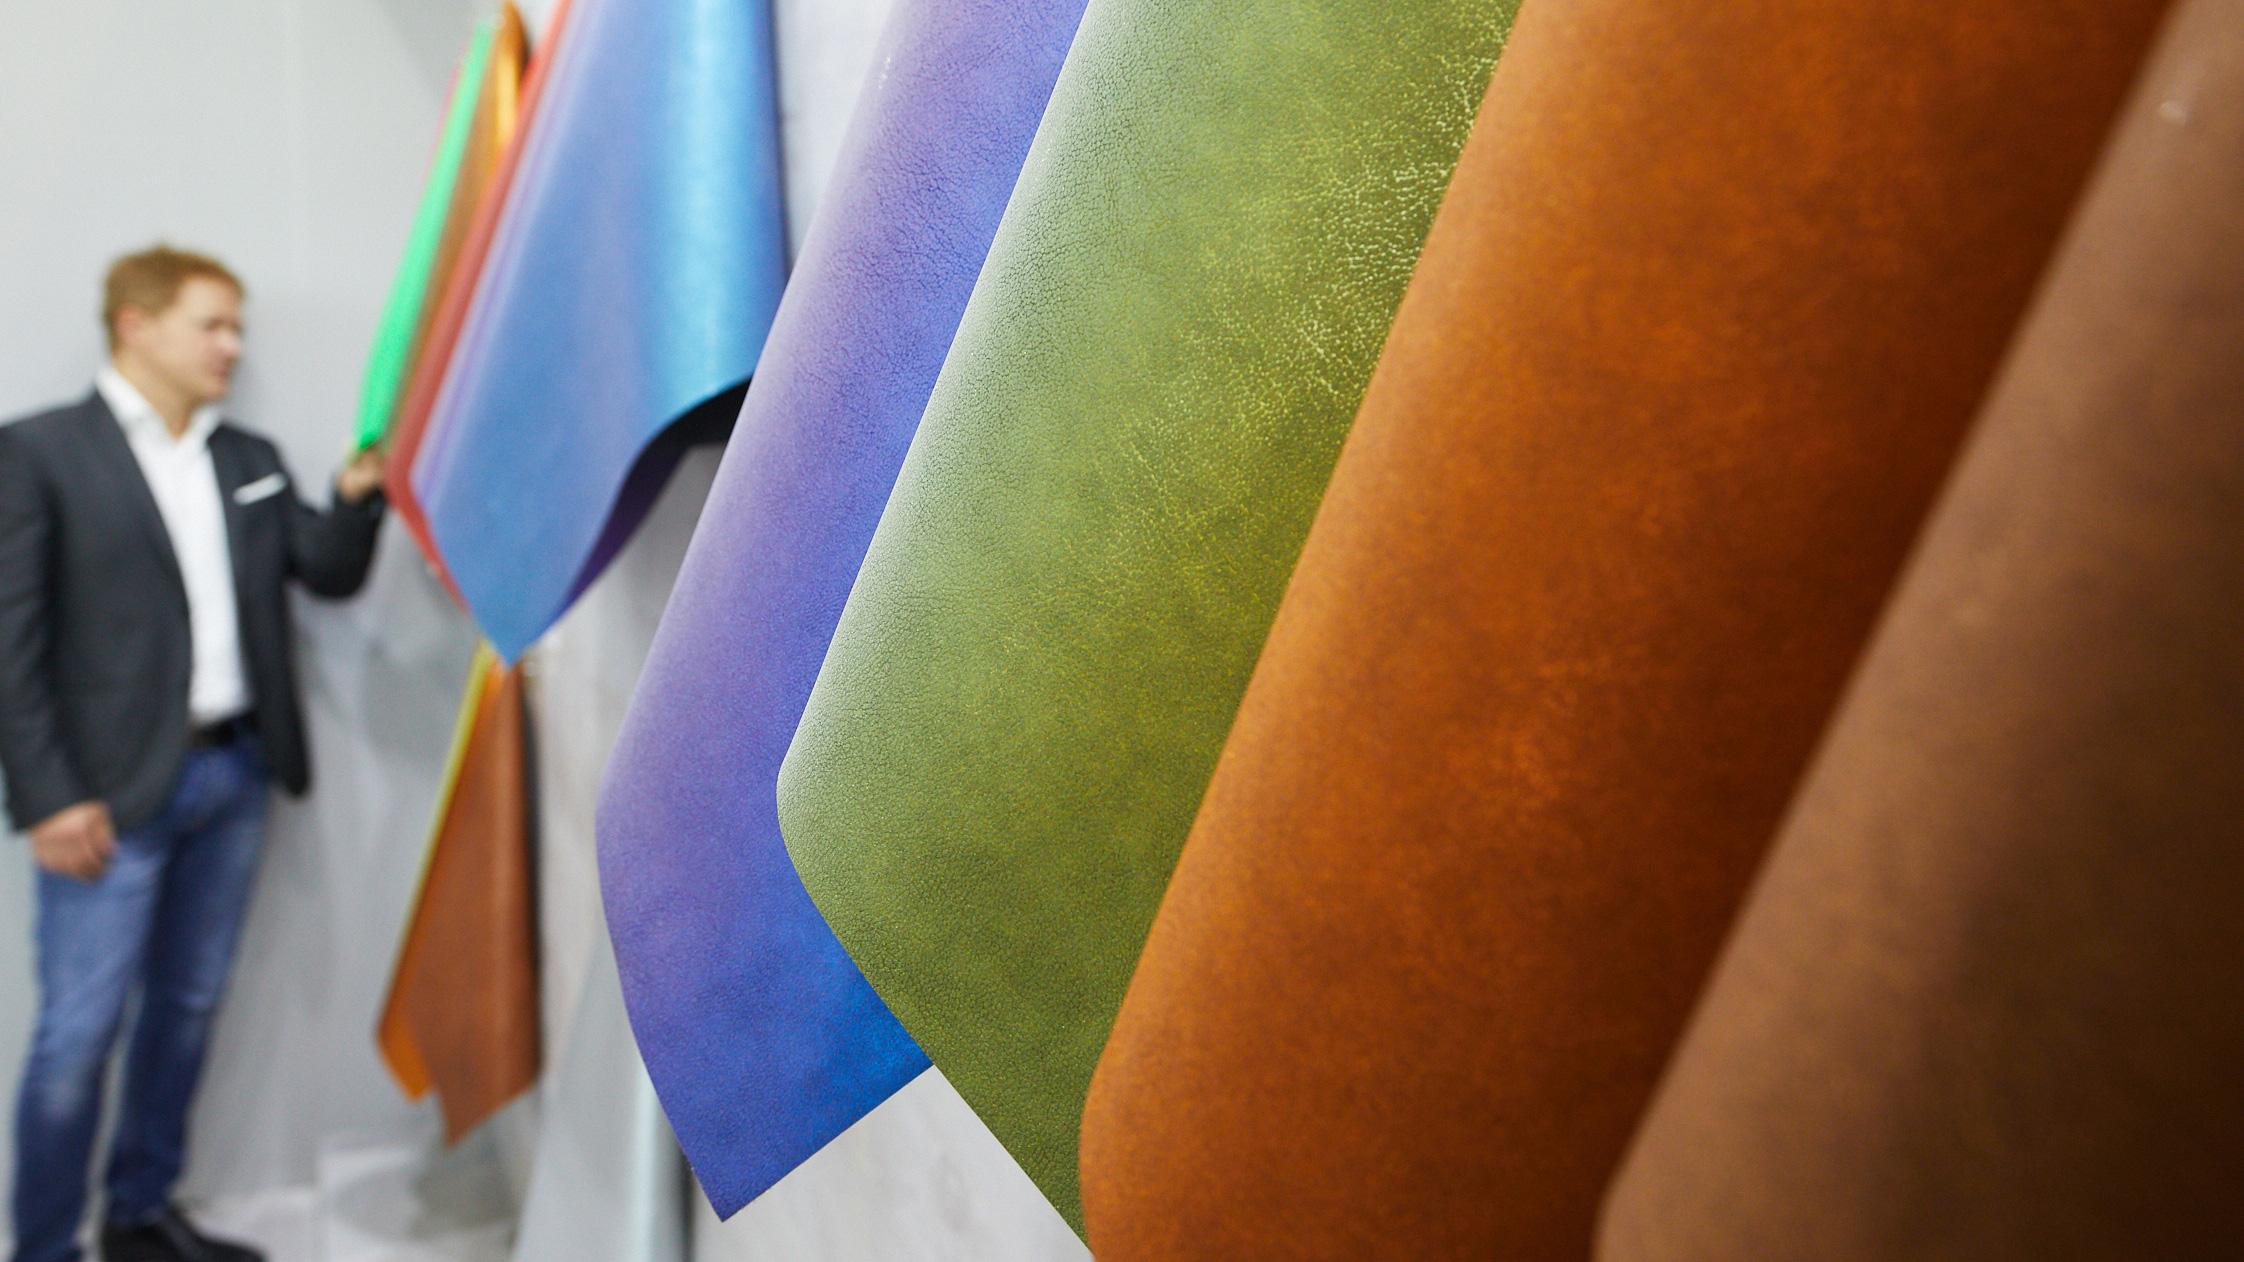 نمایشگاه بین المللی منسوجات صنعتی و نبافته آلمان فرانکفورت